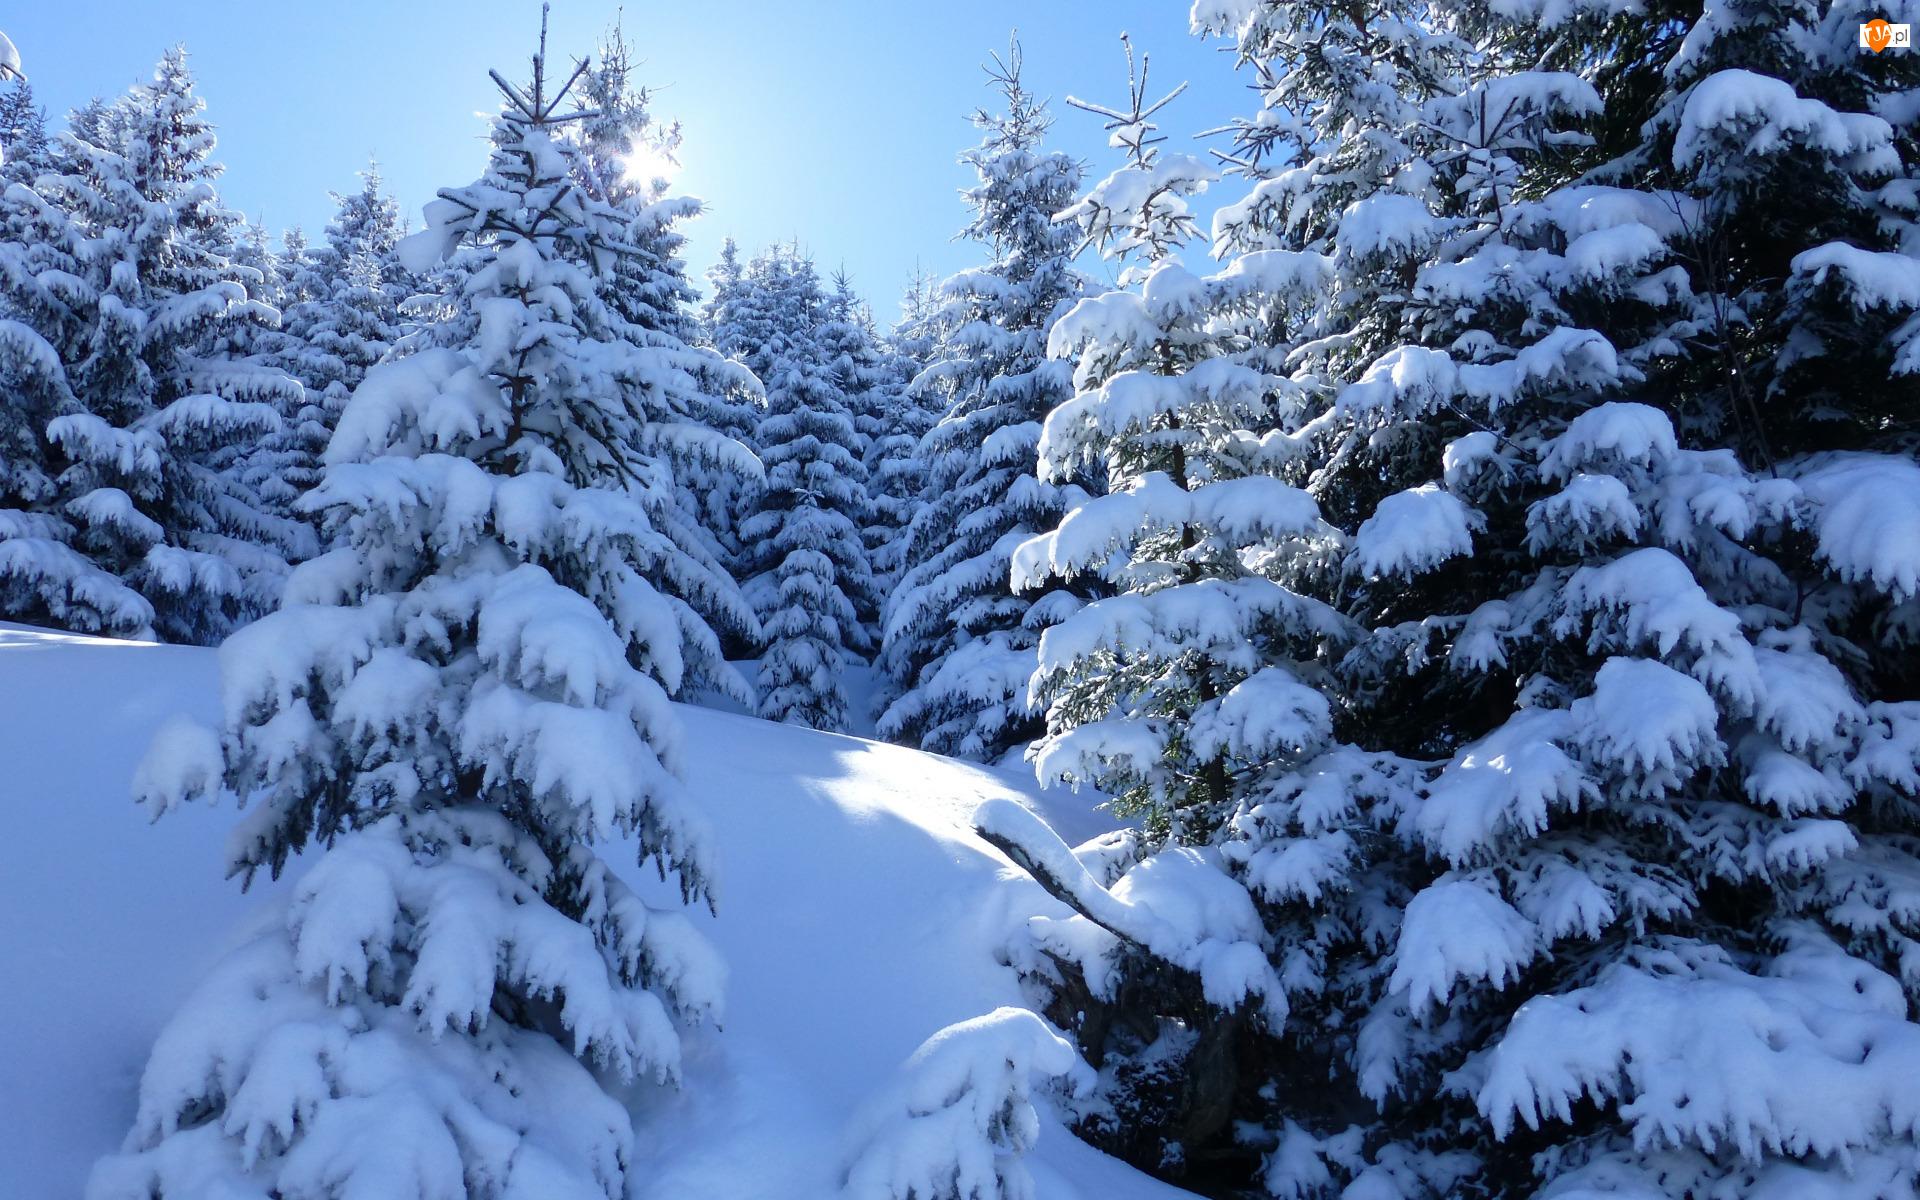 Śnieg, Zima, Świerki, Słoneczne, Drzewa, Światło